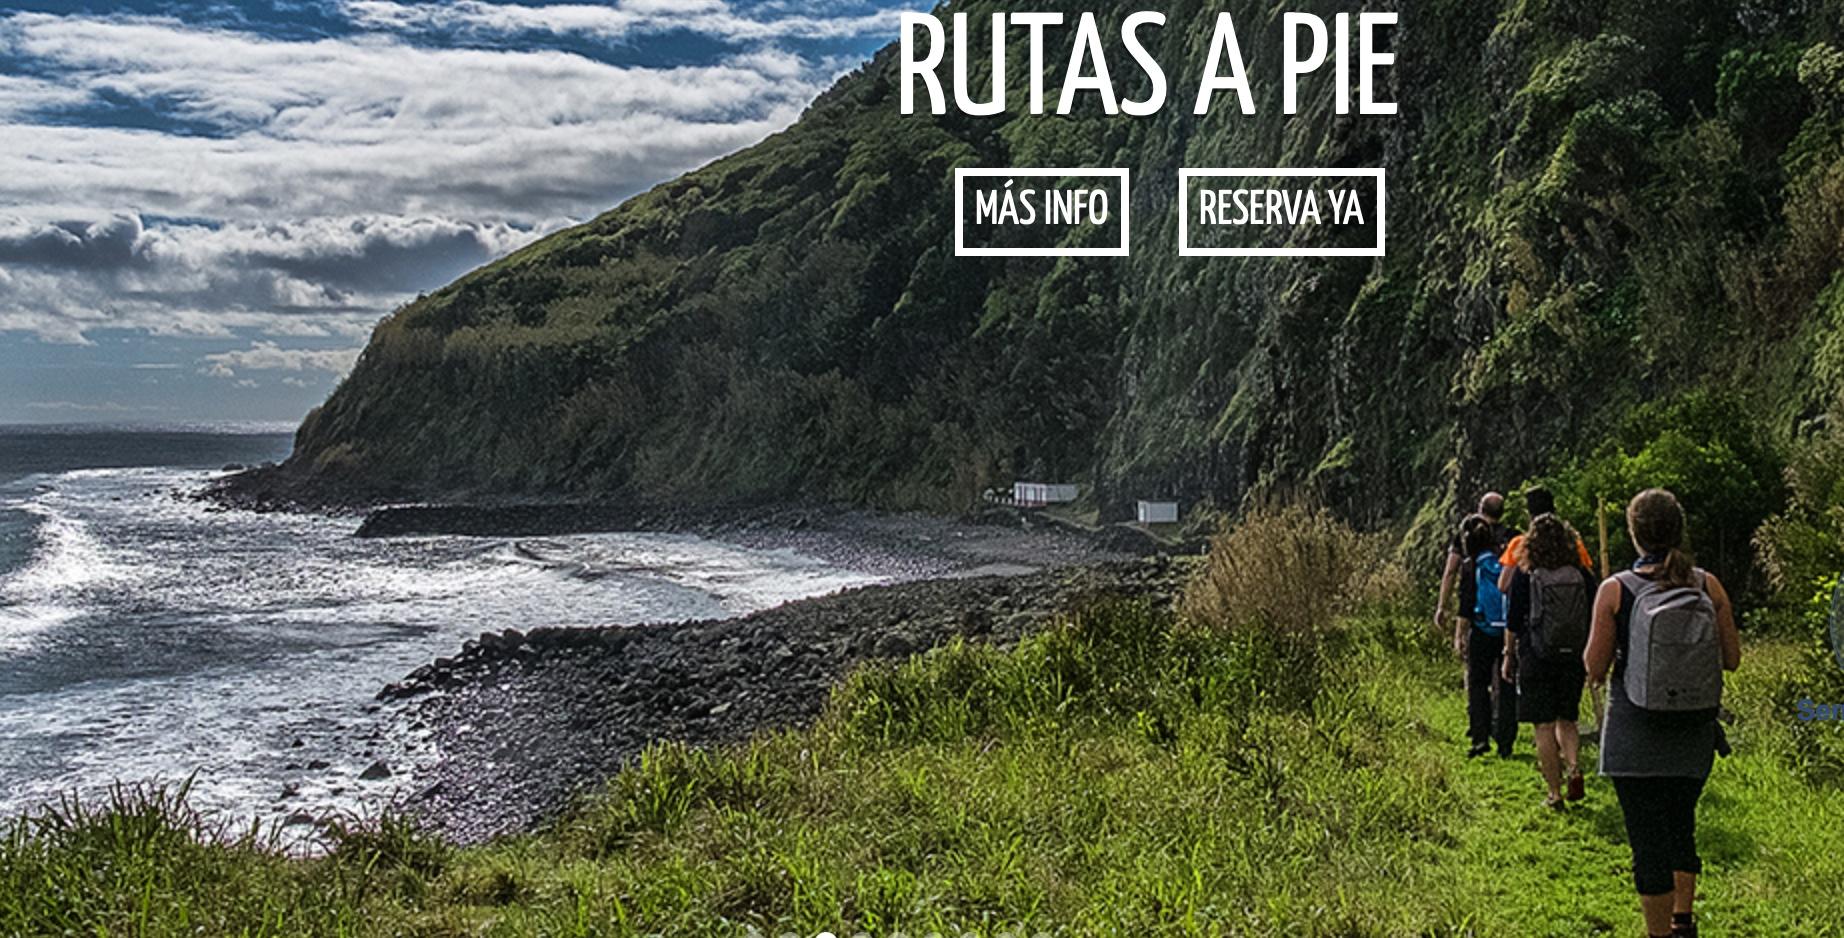 Rutas a pie por las Islas Azores